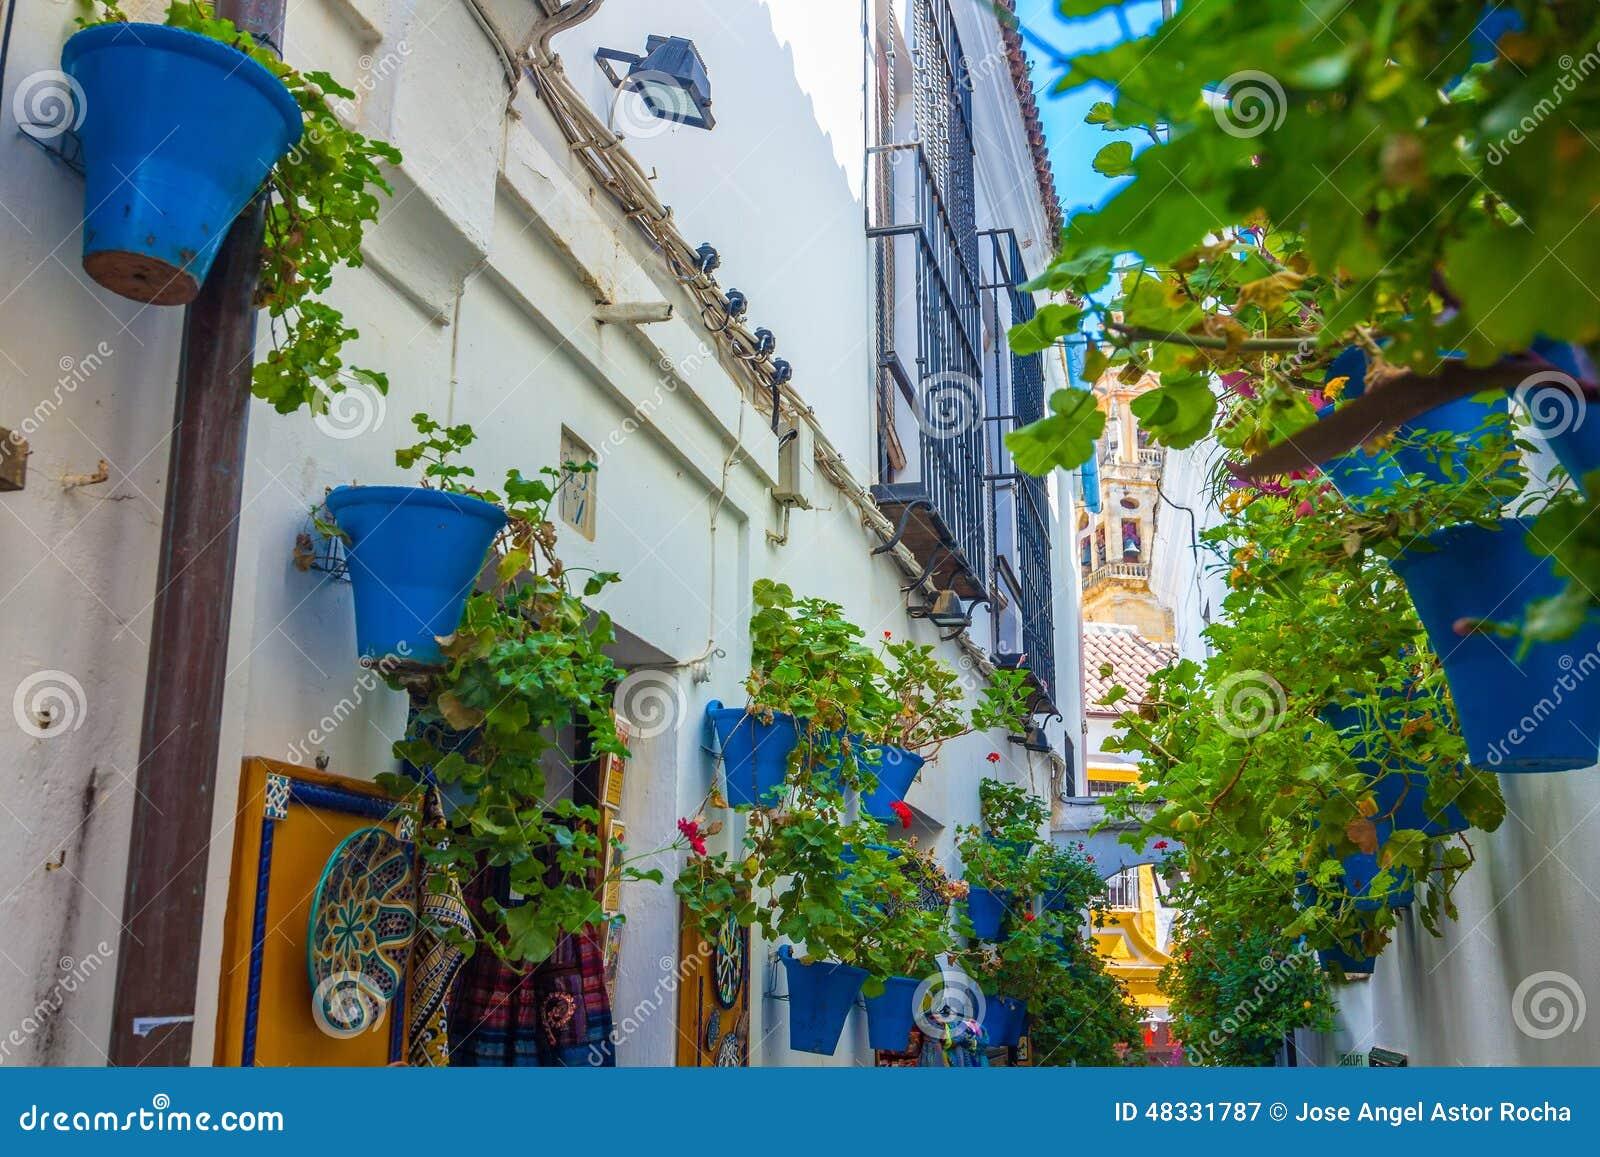 Pátio andaluz típico decorado com as flores na cidade de Córdova, Espanha